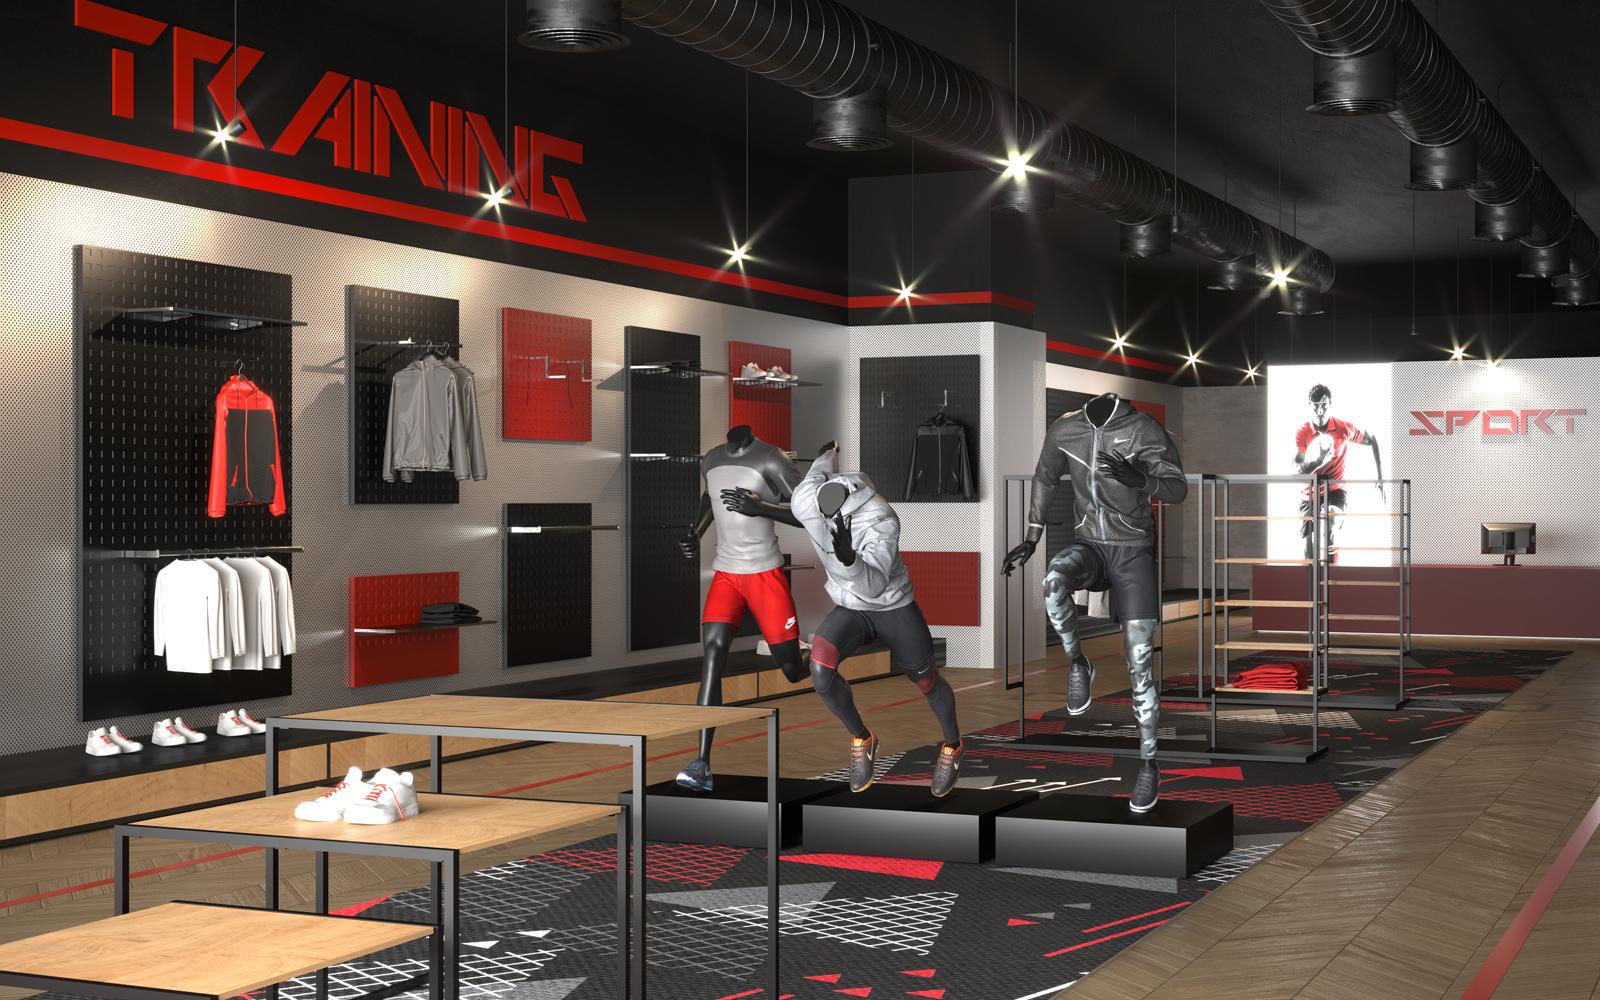 Progetti-negozi-articoli-sportivi-3